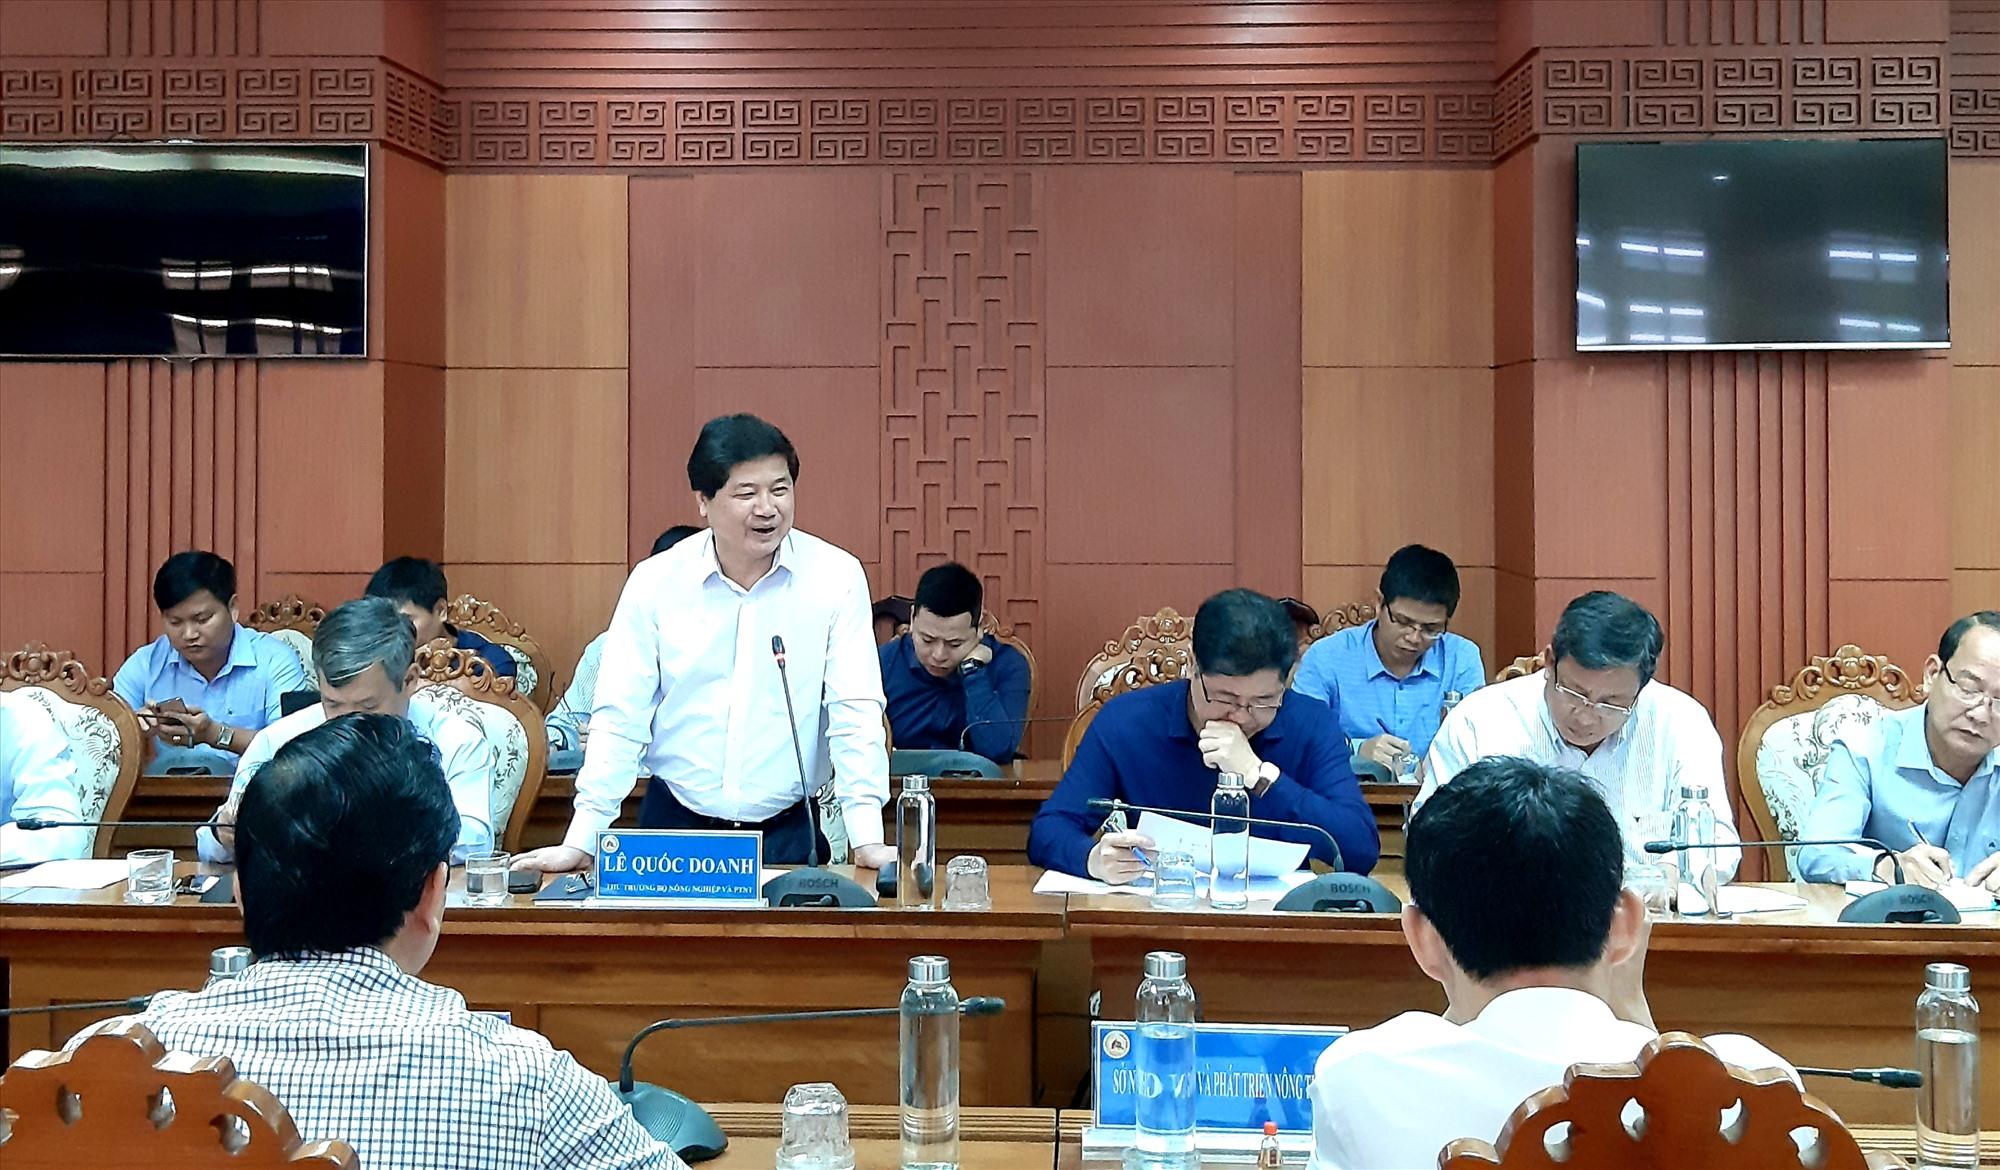 Thứ trưởng Bộ NN&PTNT Lê Quốc Doanh phát biểu tại cuộc làm việc với Chủ tịch UBND tỉnh Lê Trí Thanh và các ngành liên quan sáng nay 7.2.    Ảnh: N.S